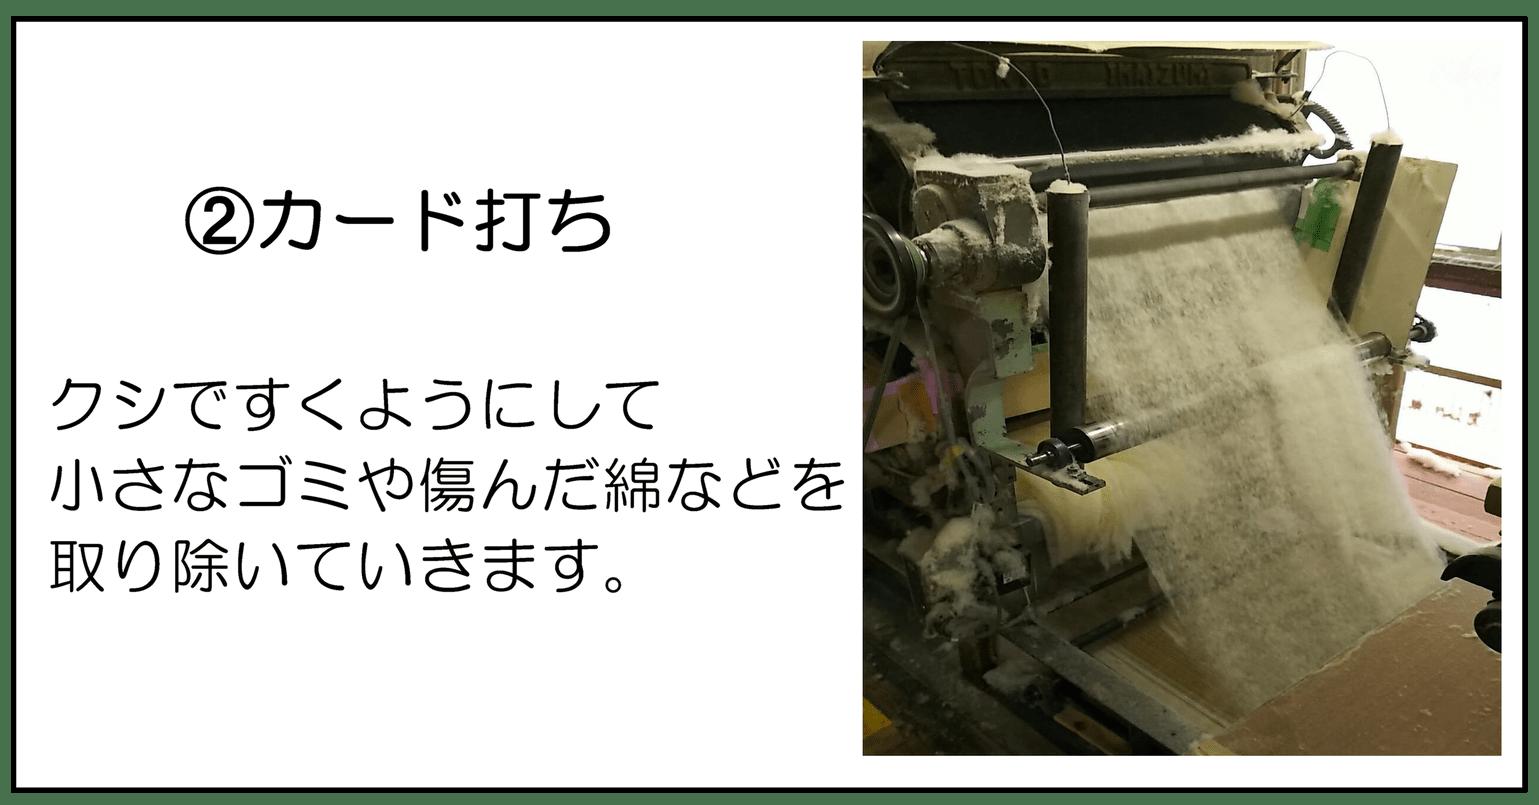 ➁カード打 クシですくようにして小さなゴミや傷んだ綿などを取り除いていきます。